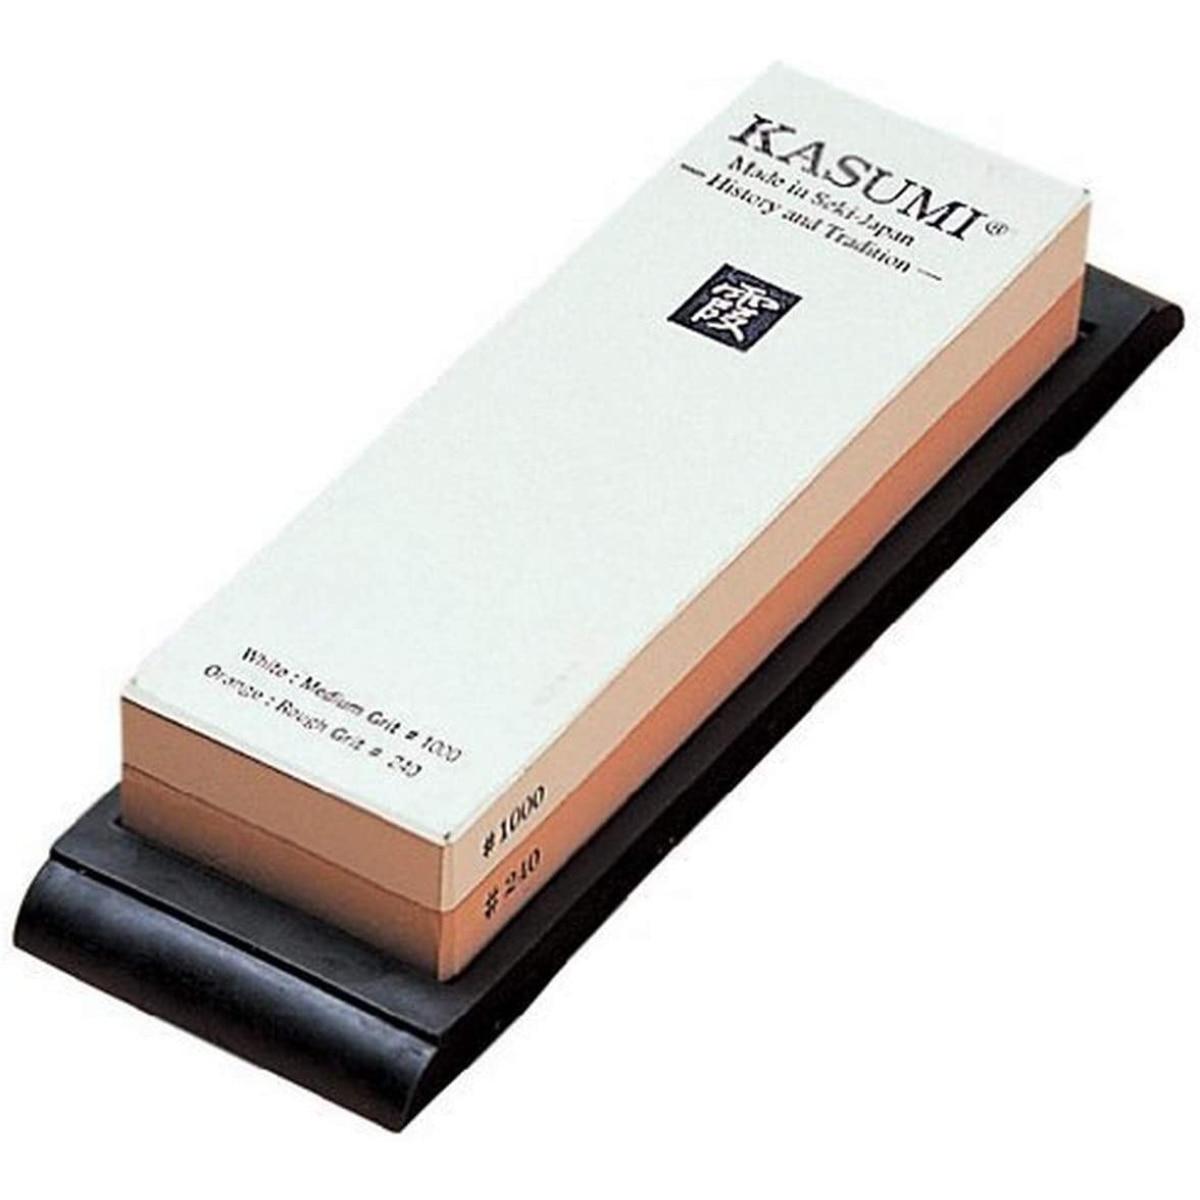 スミカマ 霞 KASUMI 両面砥石 240/1000 80001